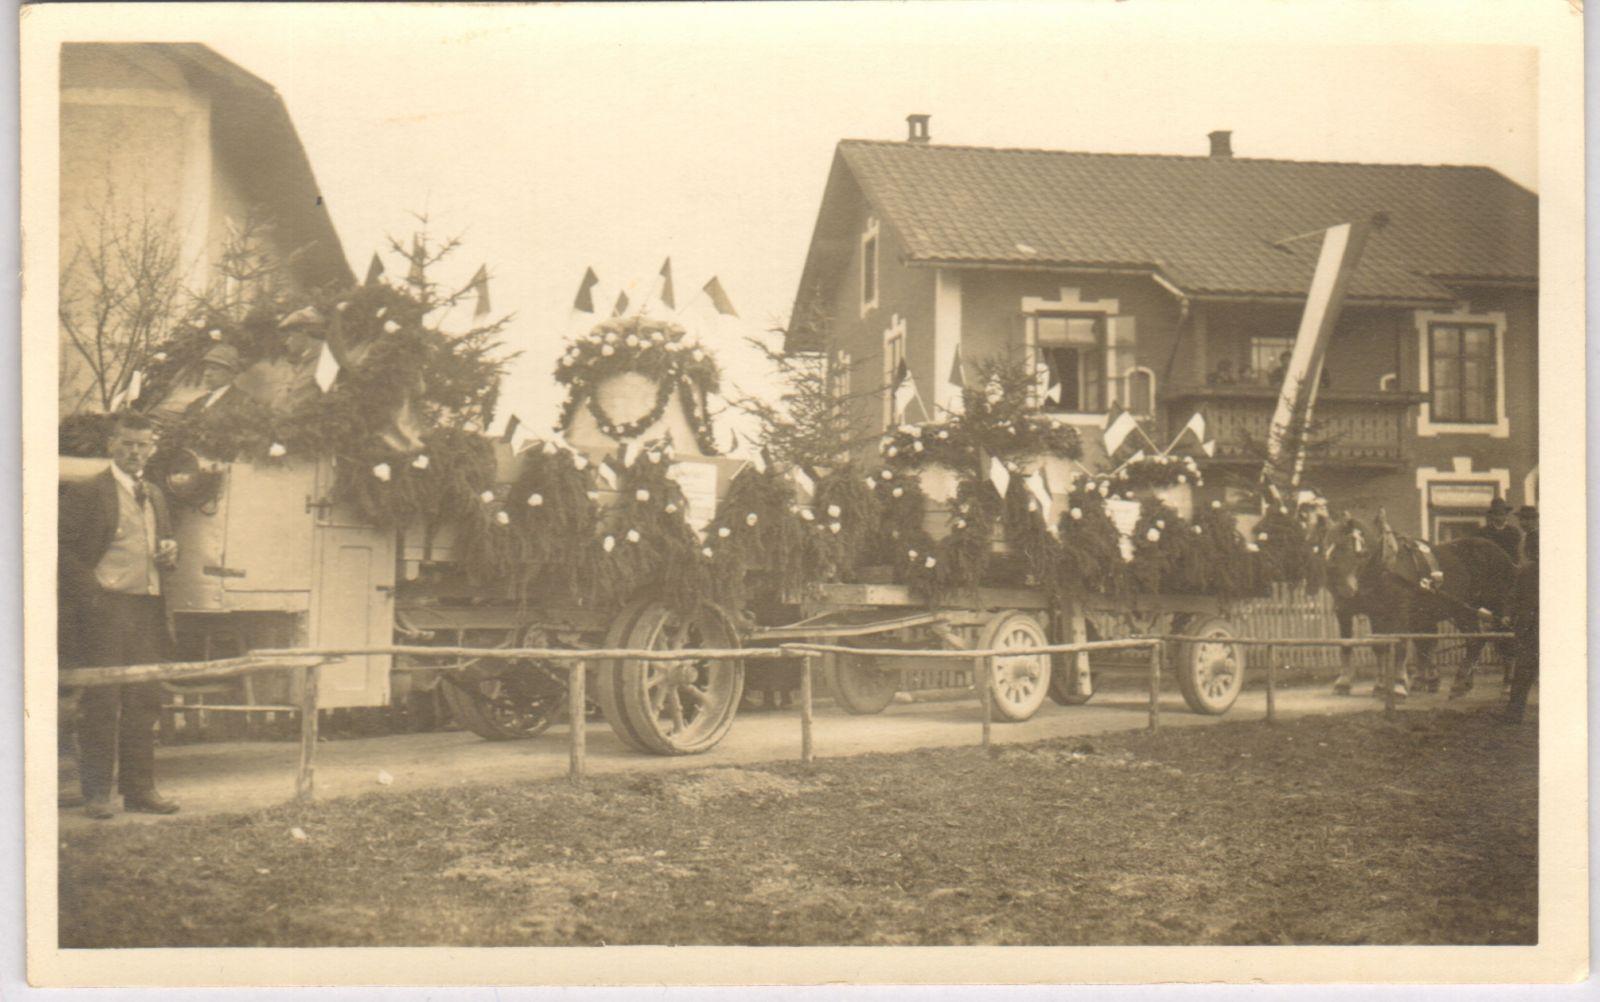 Vomp - Fiecht - Glockenweihe